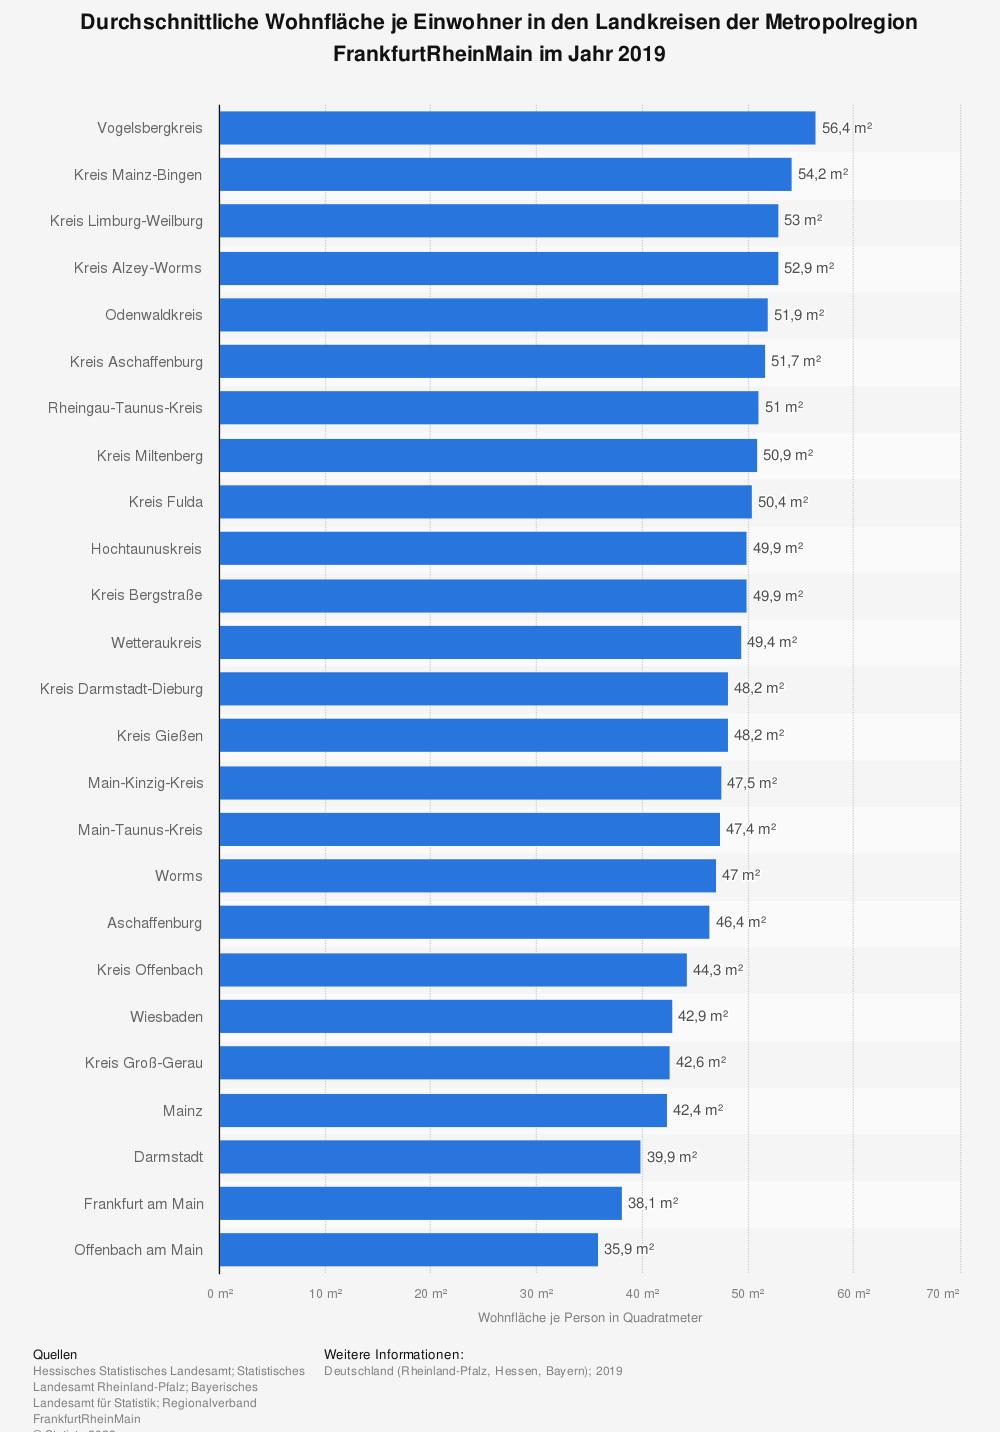 Statistik: Durchschnittliche Wohnfläche je Einwohner in den Landkreisen der Metropolregion FrankfurtRheinMain im Jahr 2019 | Statista